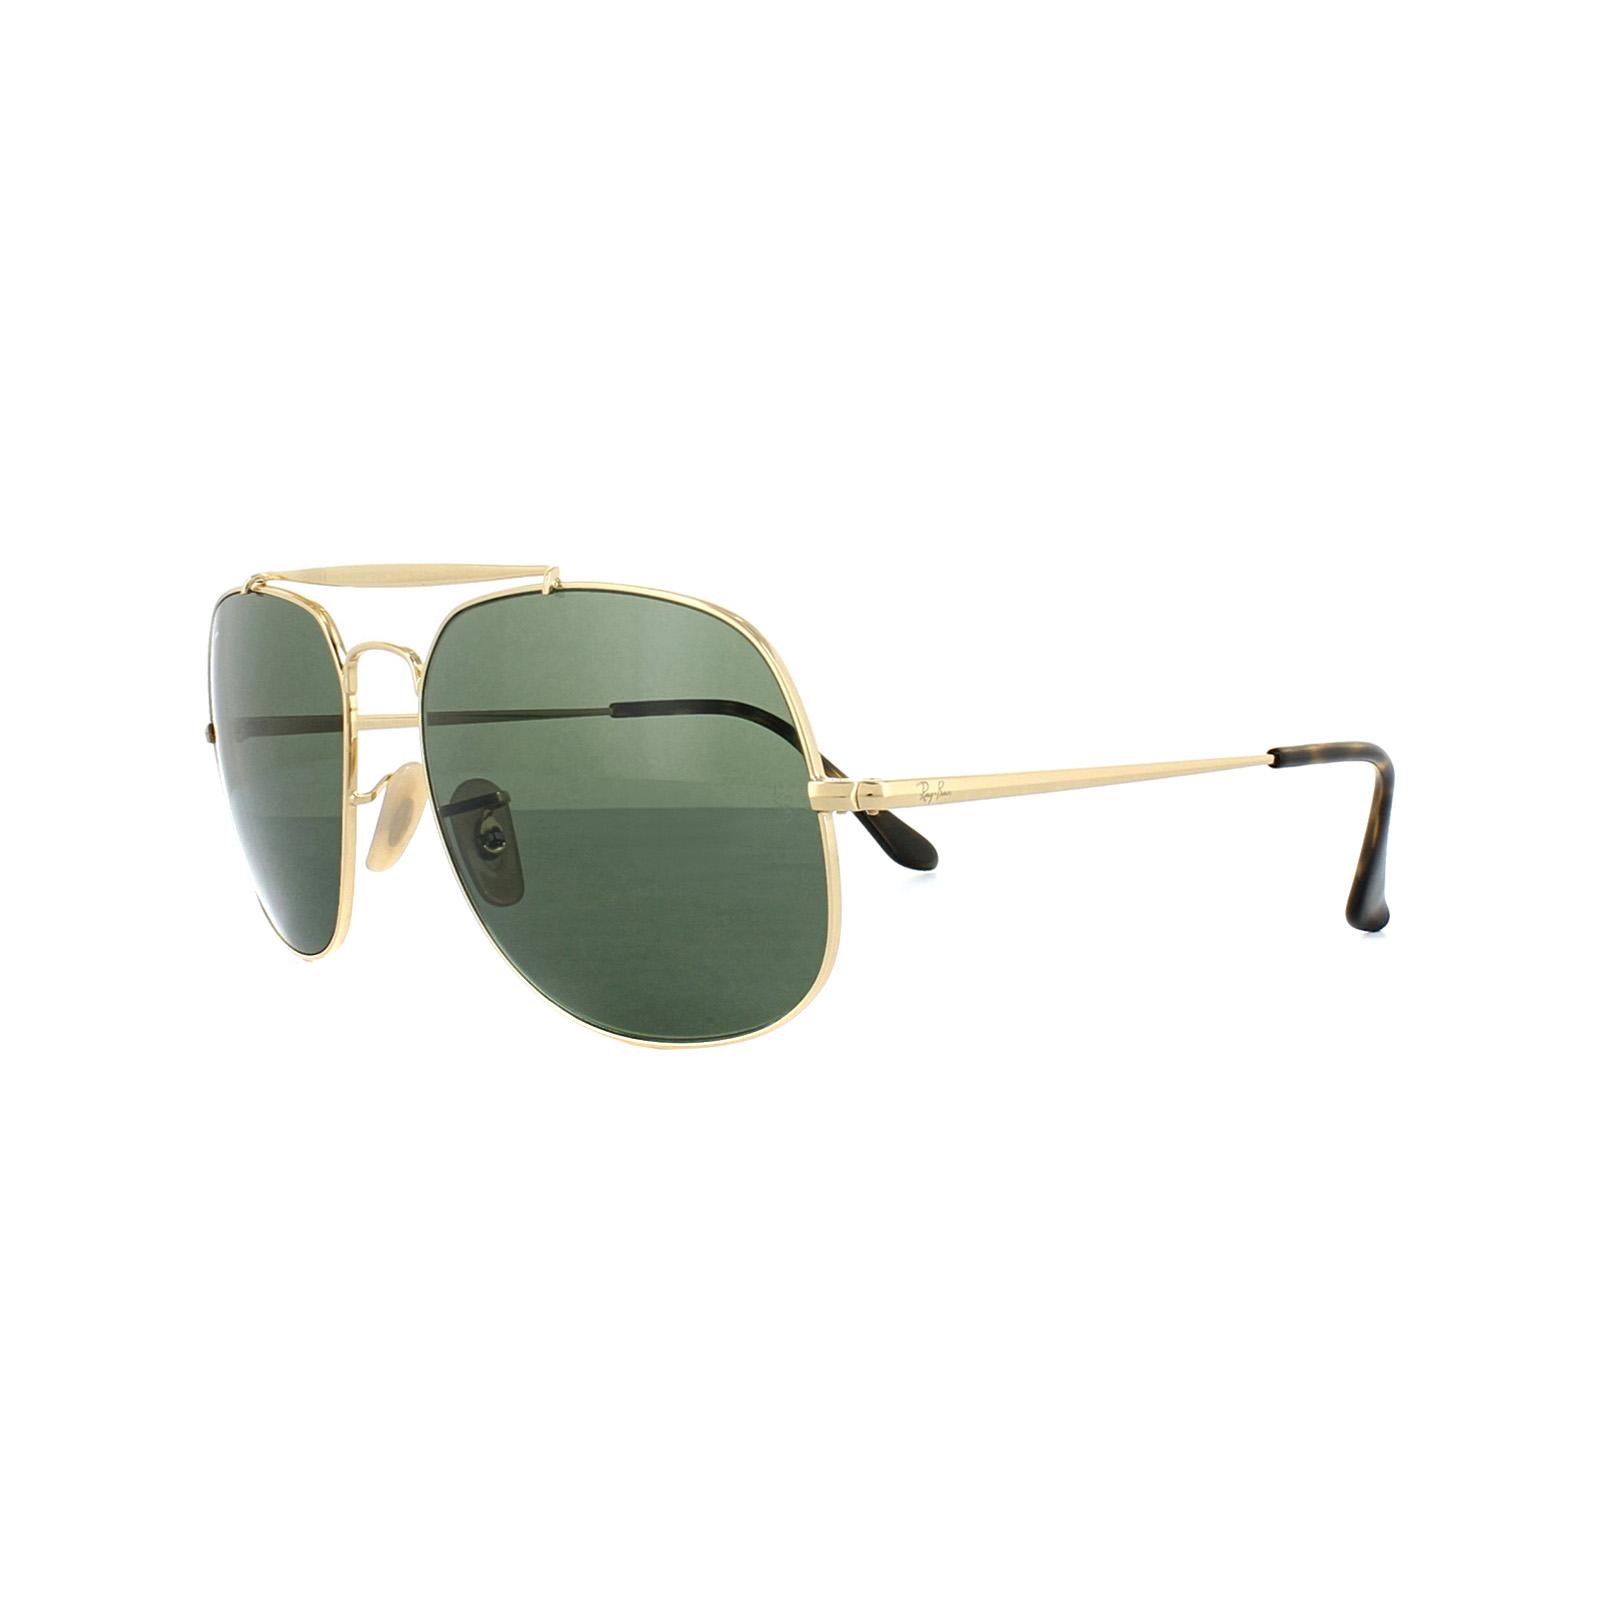 b3bc00f7b9 Ray-Ban Sunglasses General 3561 001 Gold Green 8053672730333